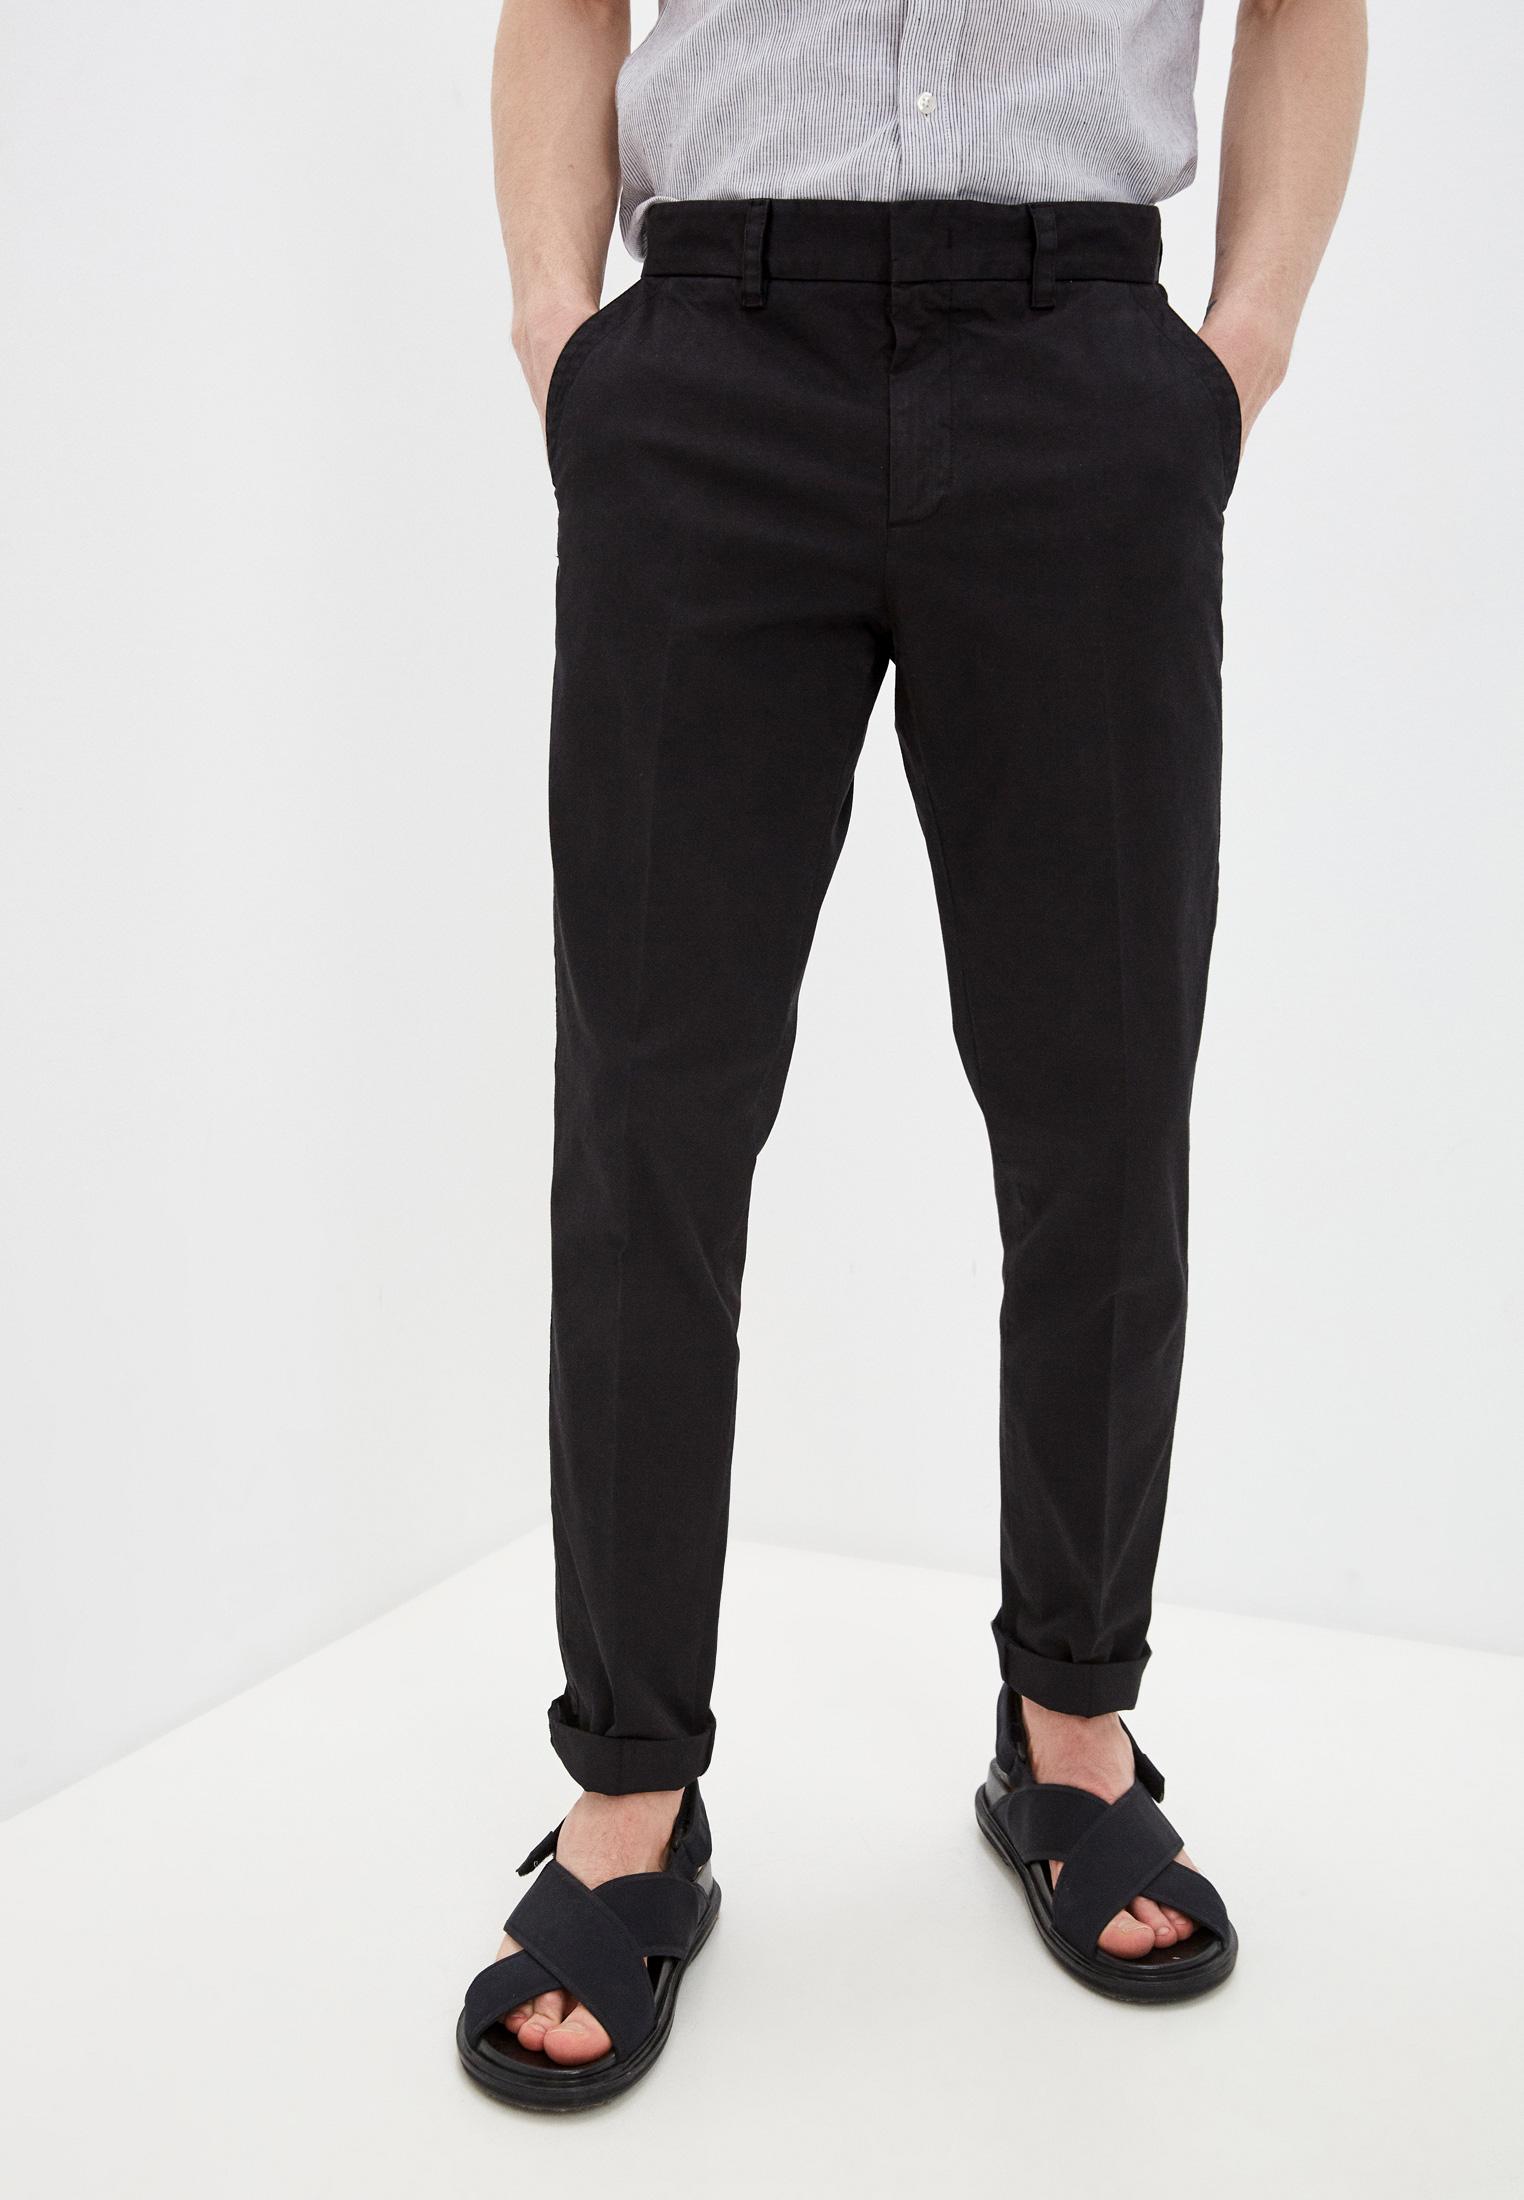 Мужские брюки Bikkembergs (Биккембергс) C P 051 00 S 3390